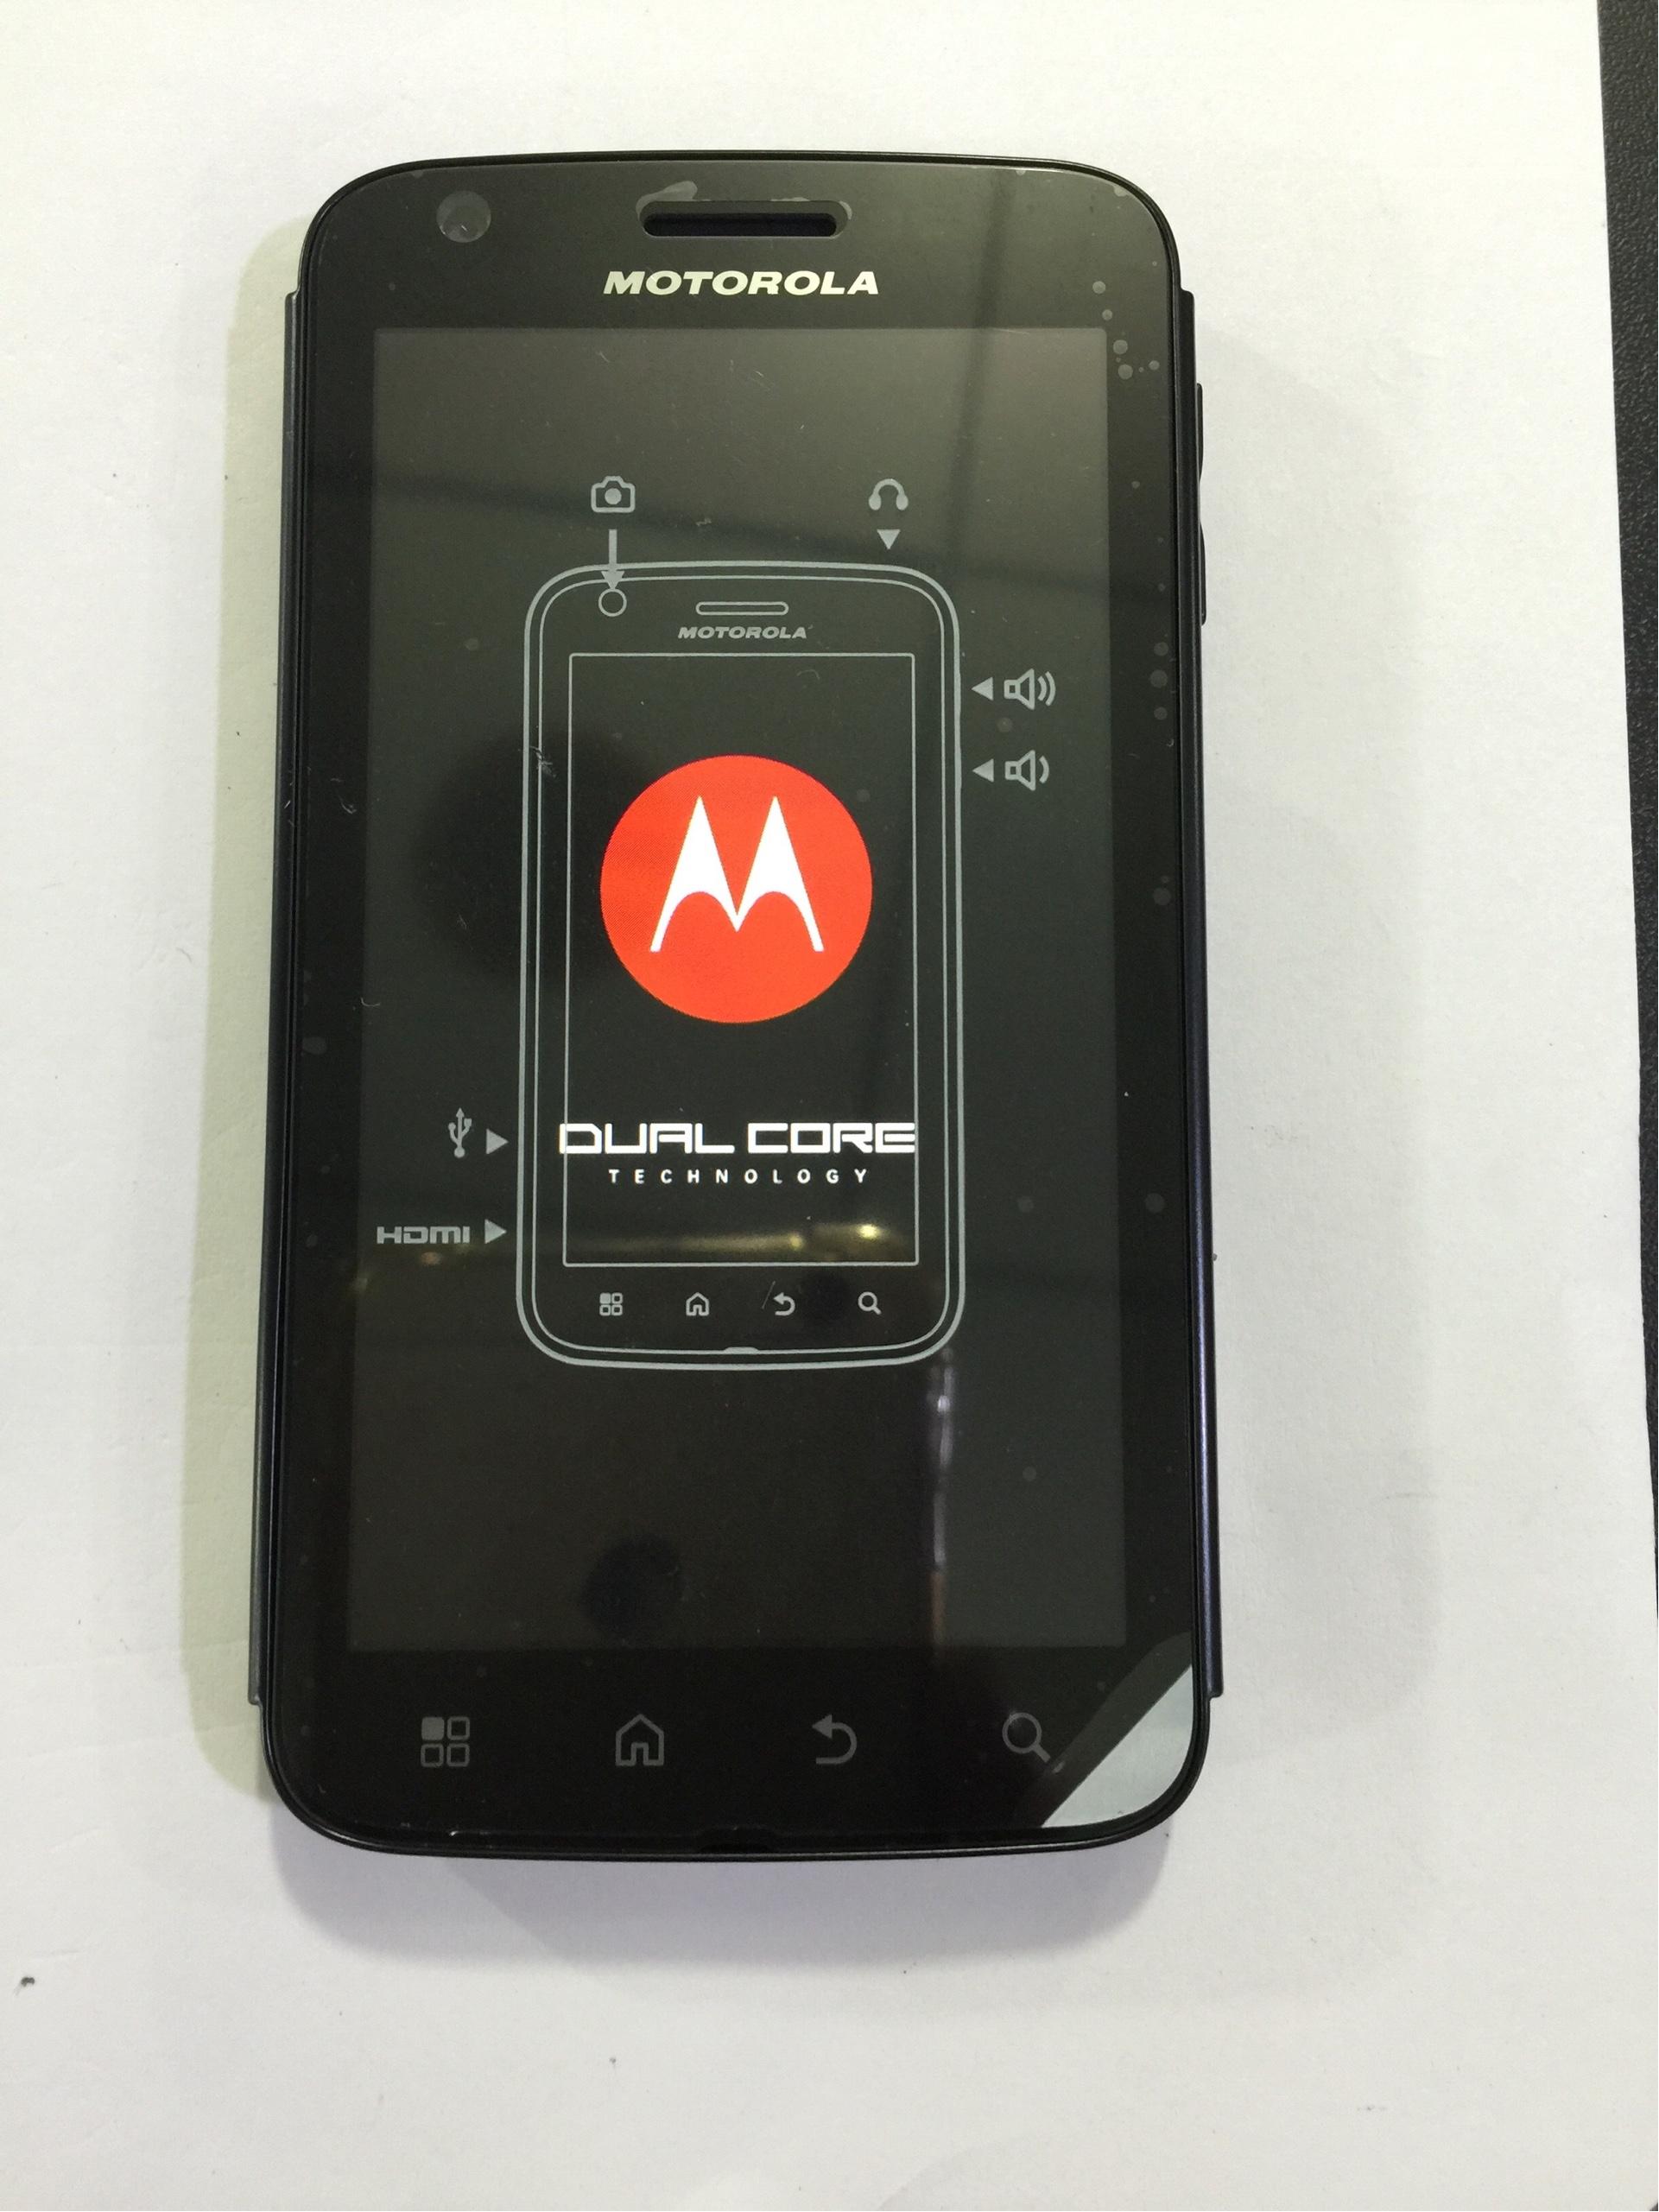 摩托罗拉库存新机MB860带一个电池一个充电器,百分百新机